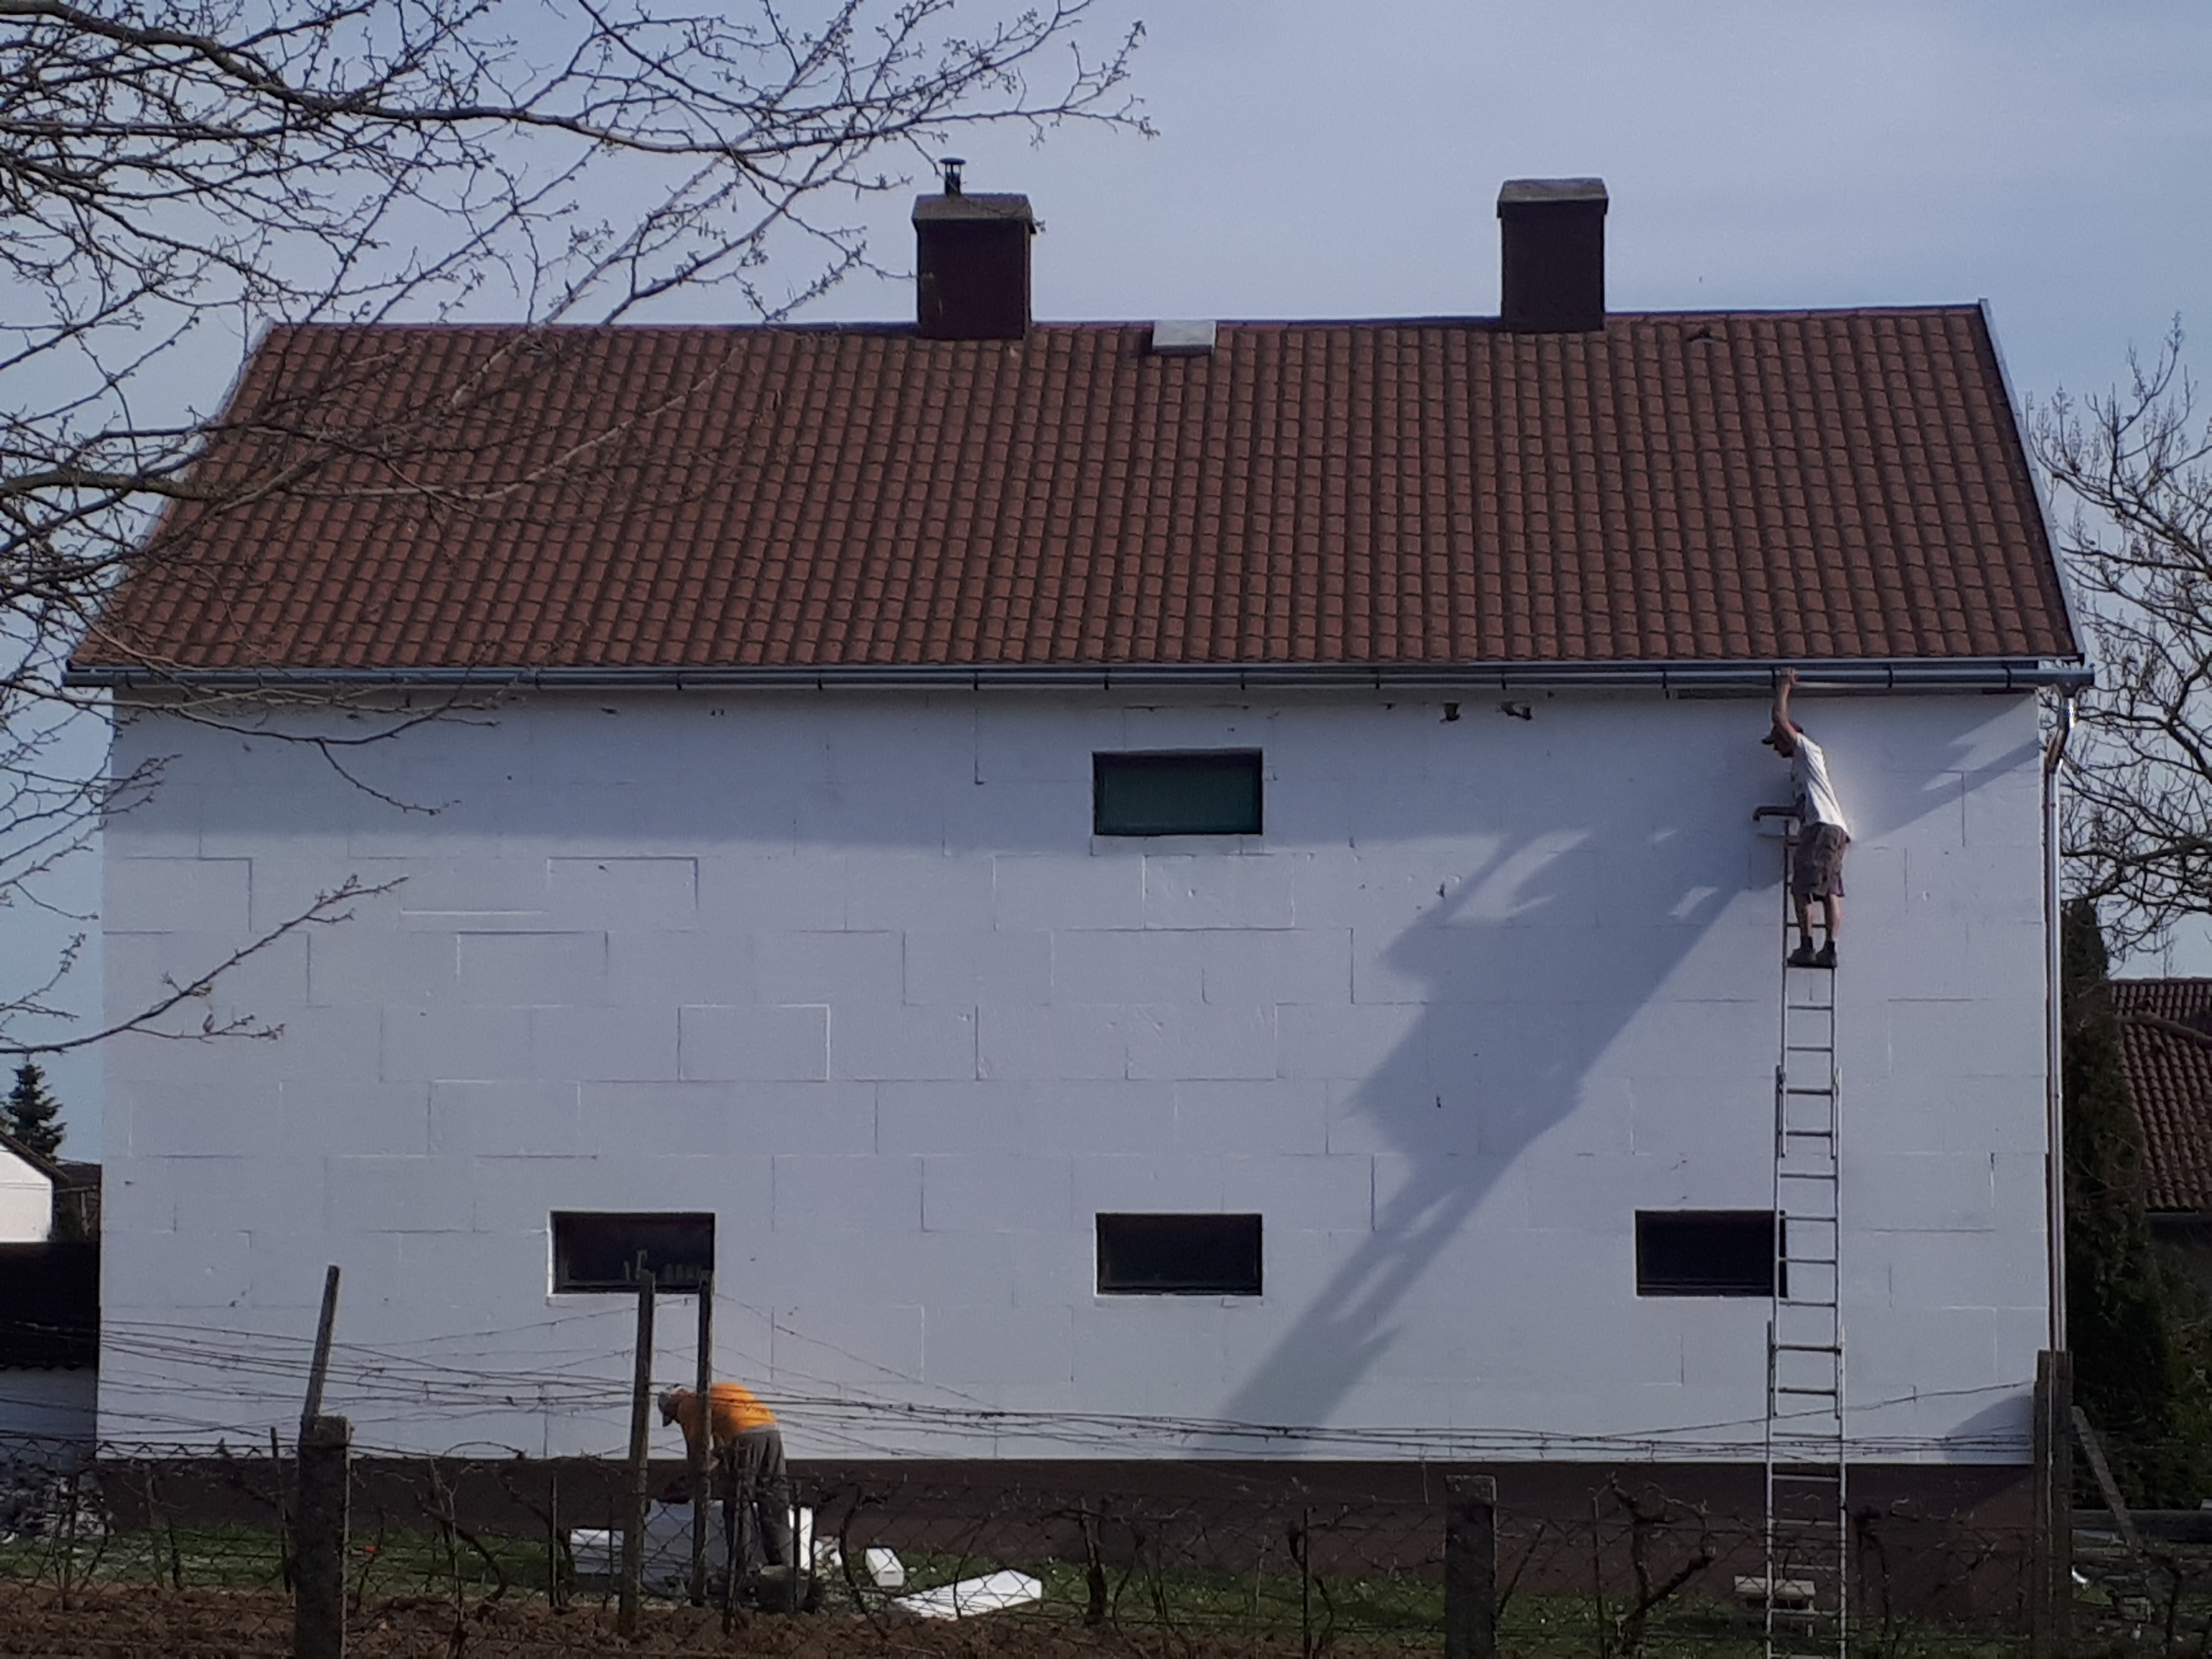 Palatető felújítás Lórév, palatető szigetelés LórévCsaládi ház palatető felújítása